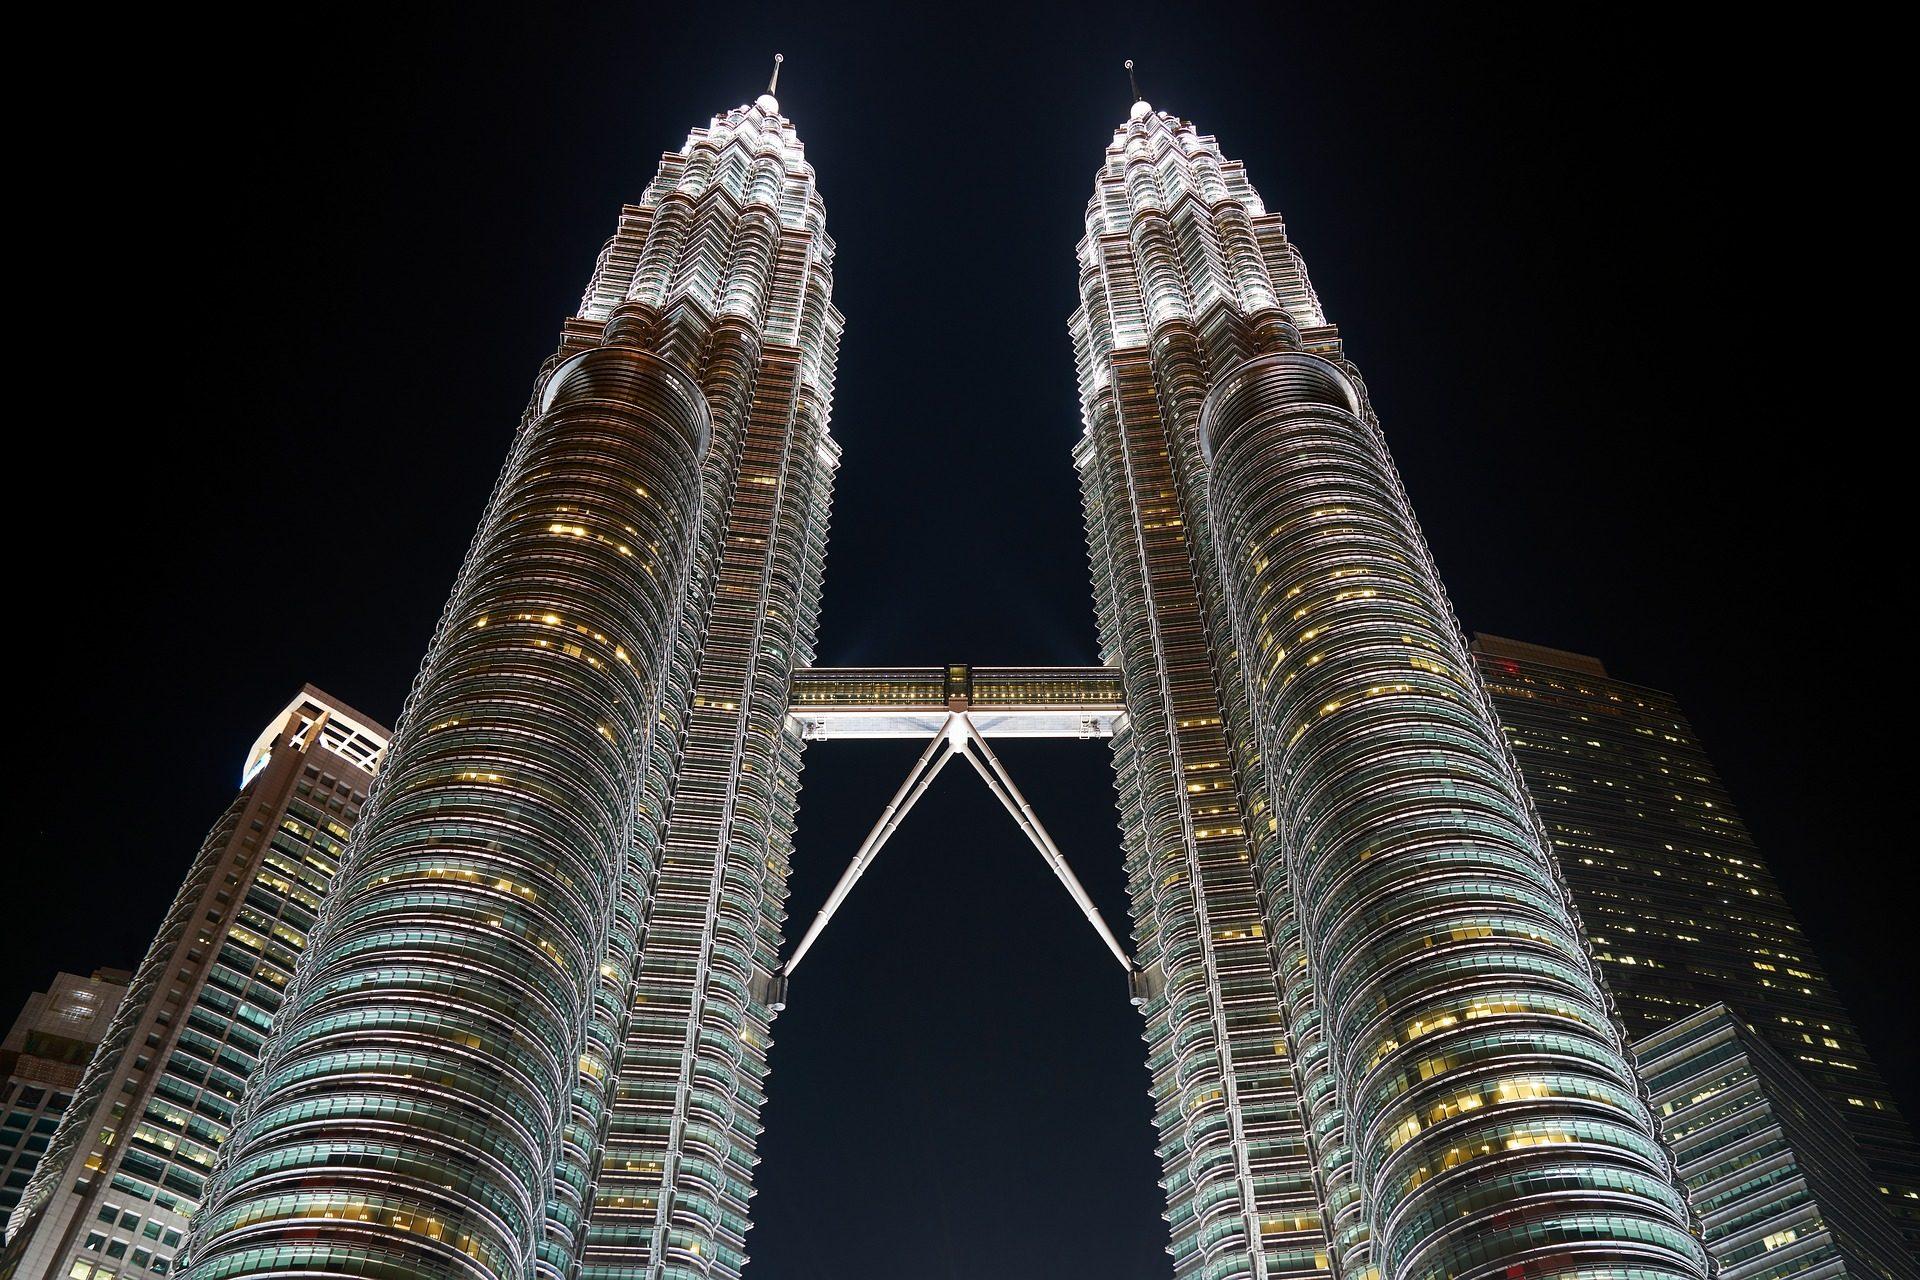 costruzione, grattacielo, luci, notte, altezza, Malaysia - Sfondi HD - Professor-falken.com